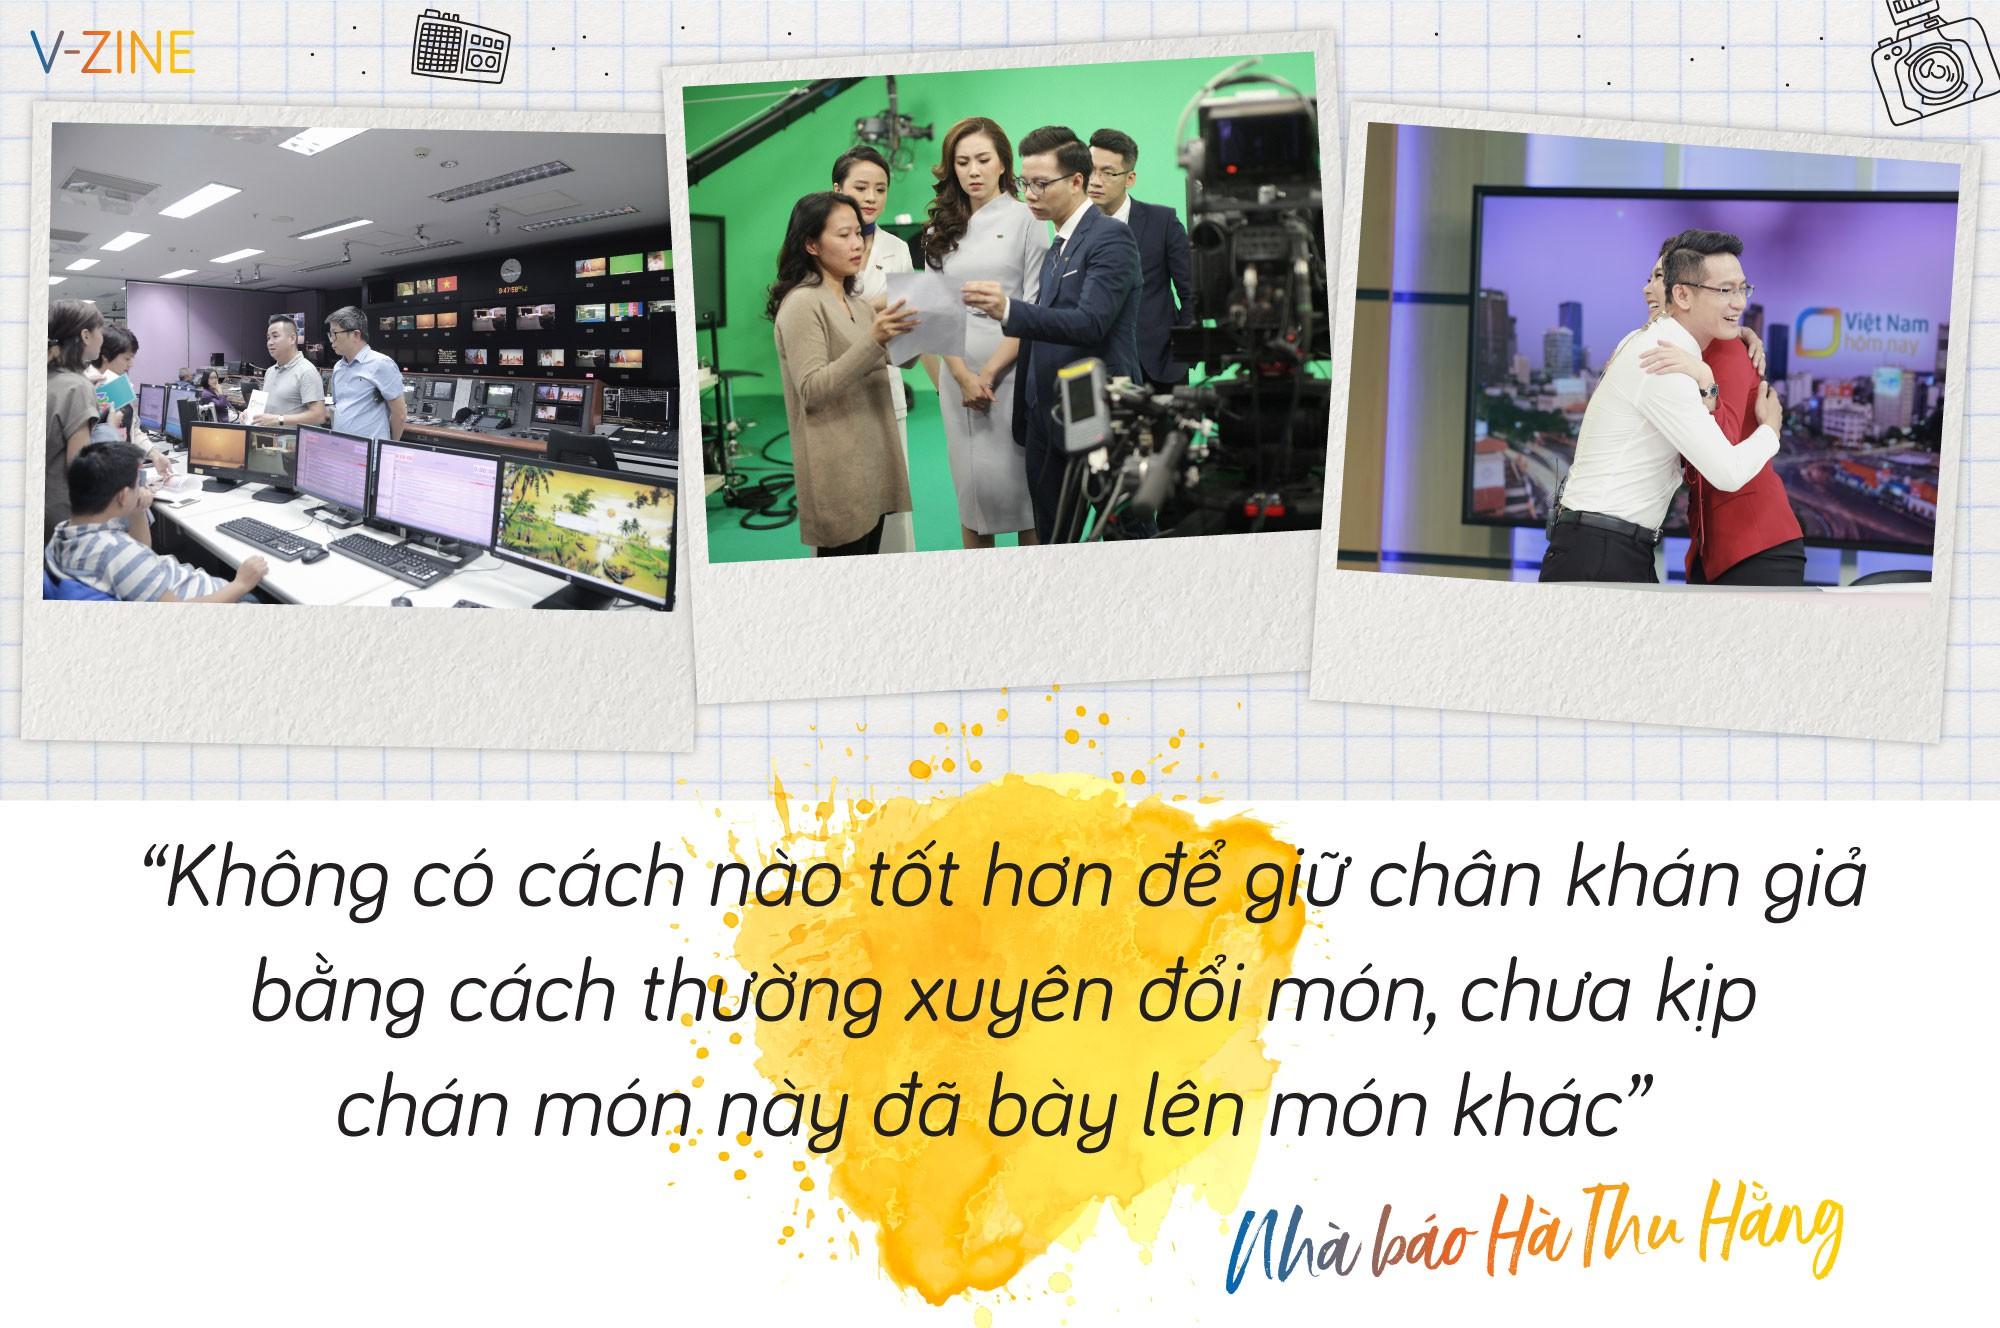 Việt Nam hôm nay - Hội tụ dòng chảy tin tức - Ảnh 7.